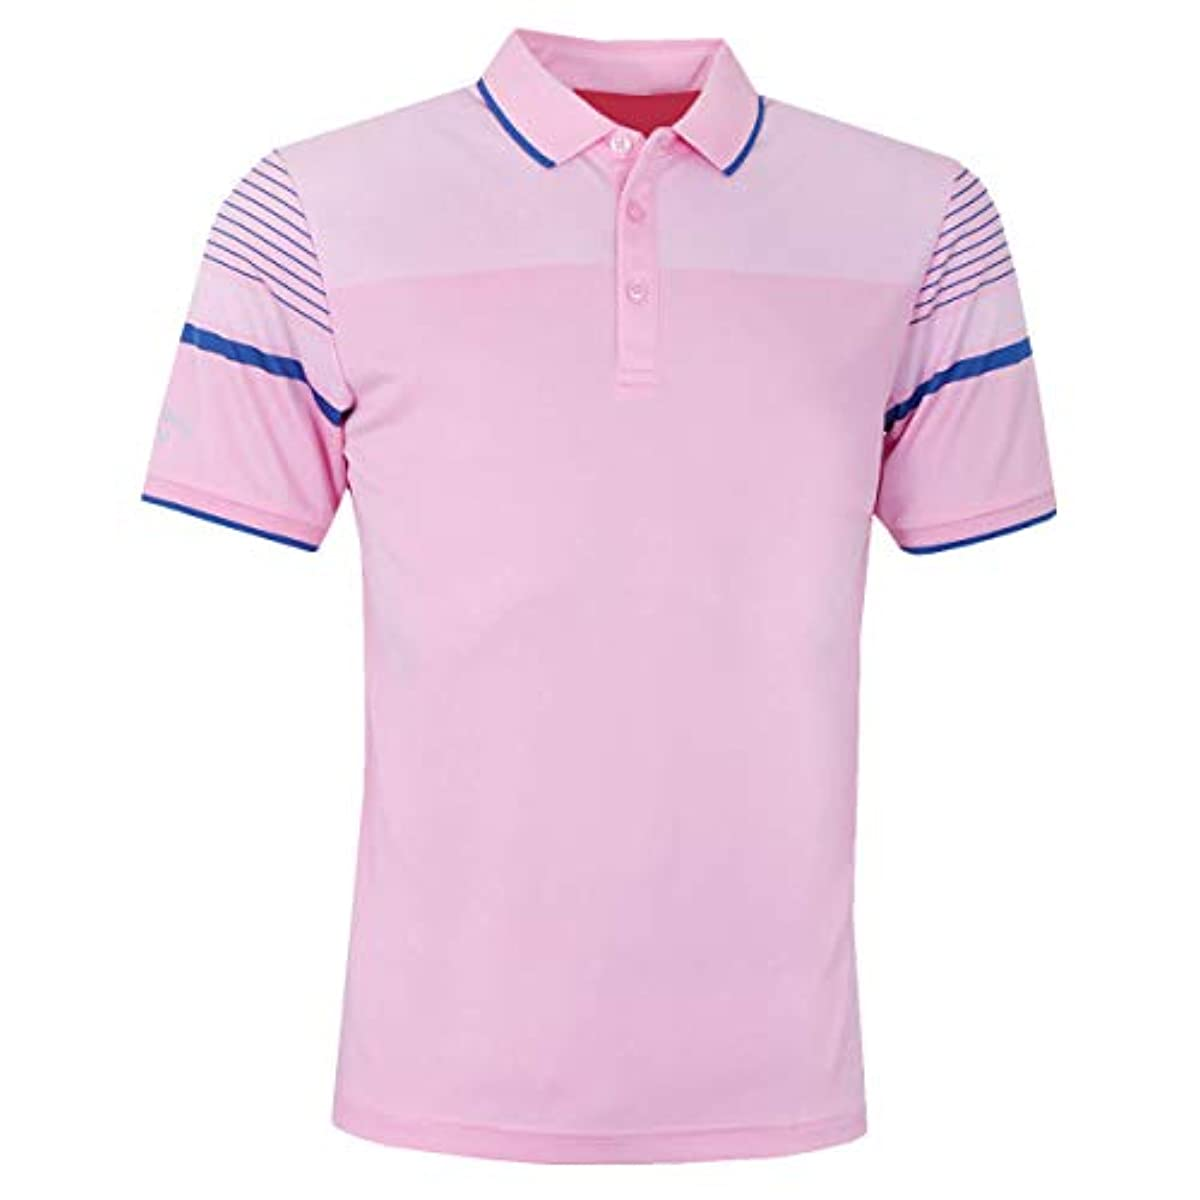 [해외] CALLAWAY 골프 2019 BIRDSEYE OPTI-DRI 반소매 맨즈 골프 폴로 셔츠 L